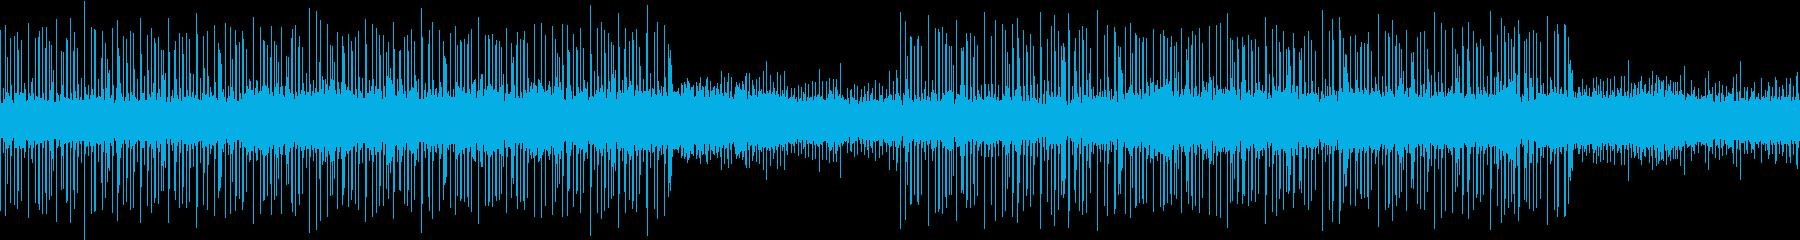 ループ:柔らかく勢いあるドラムンベースの再生済みの波形